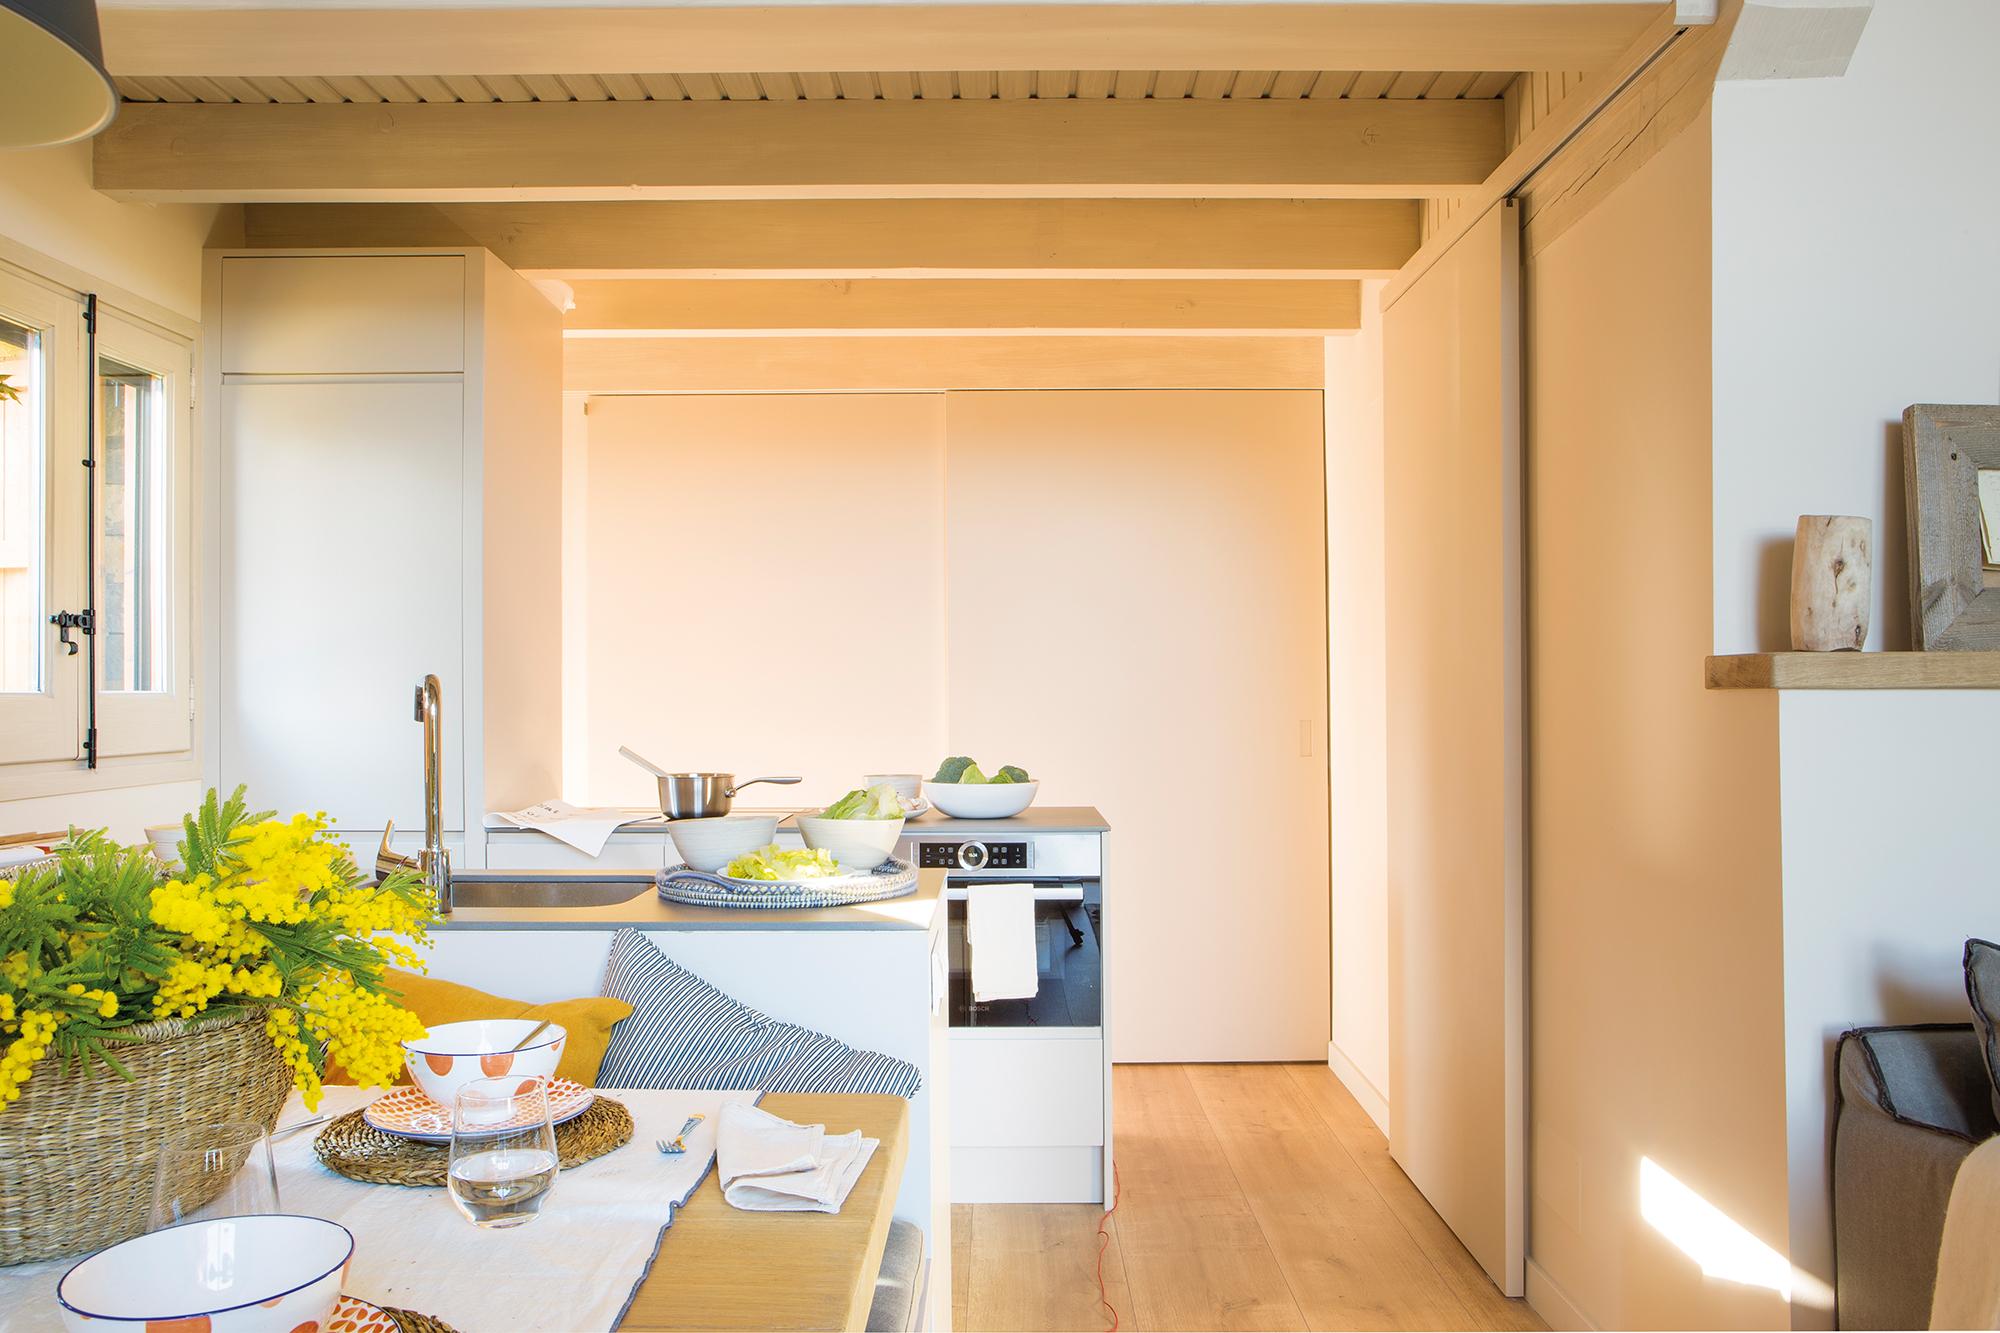 Cocinas peque as distribuidas en paralelo for Distribucion cocina en paralelo